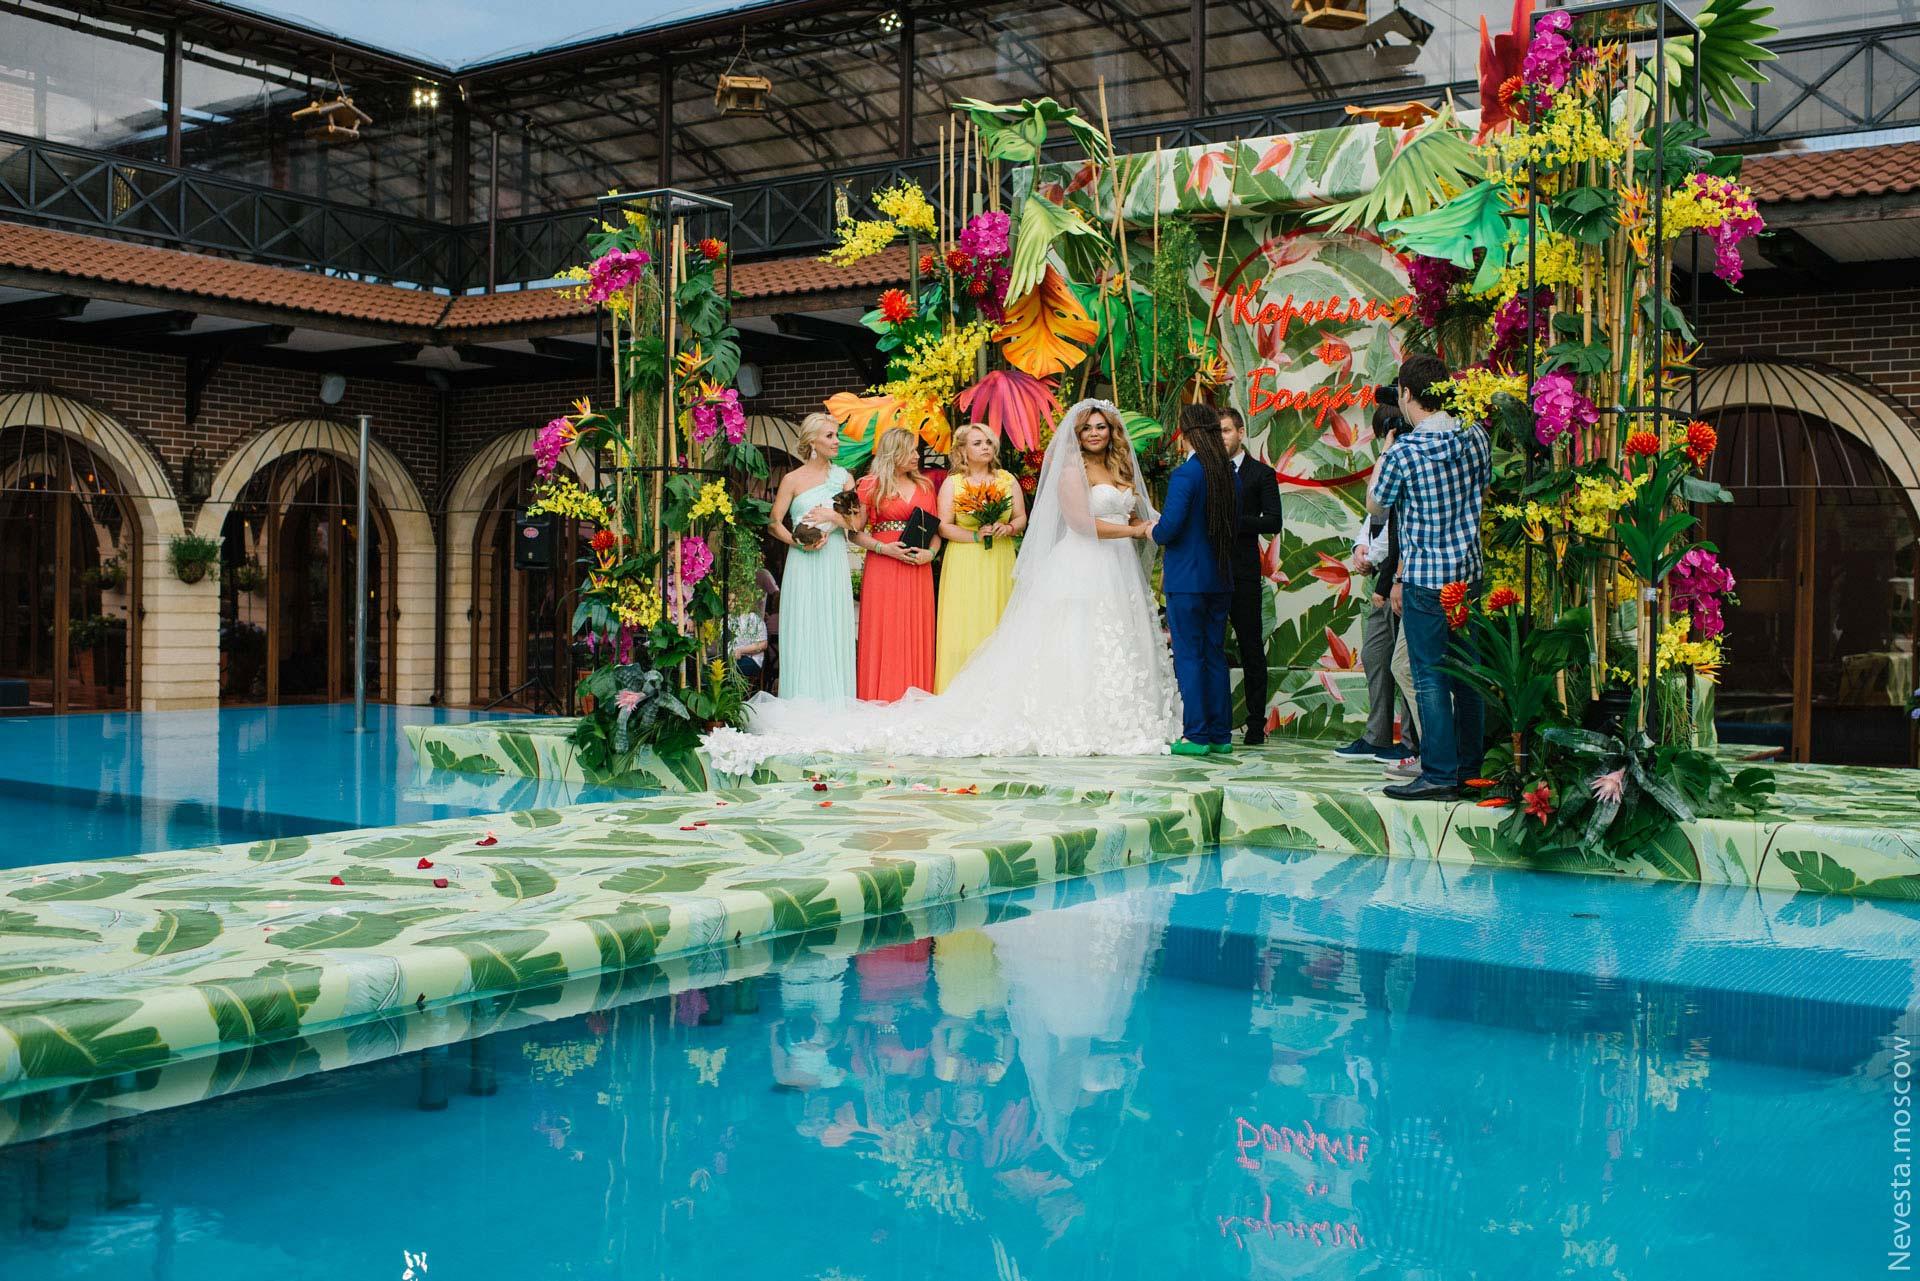 Экзотическая Ямайка. Свадьба Корнелии Манго и Богдана Дюрдя фото 29